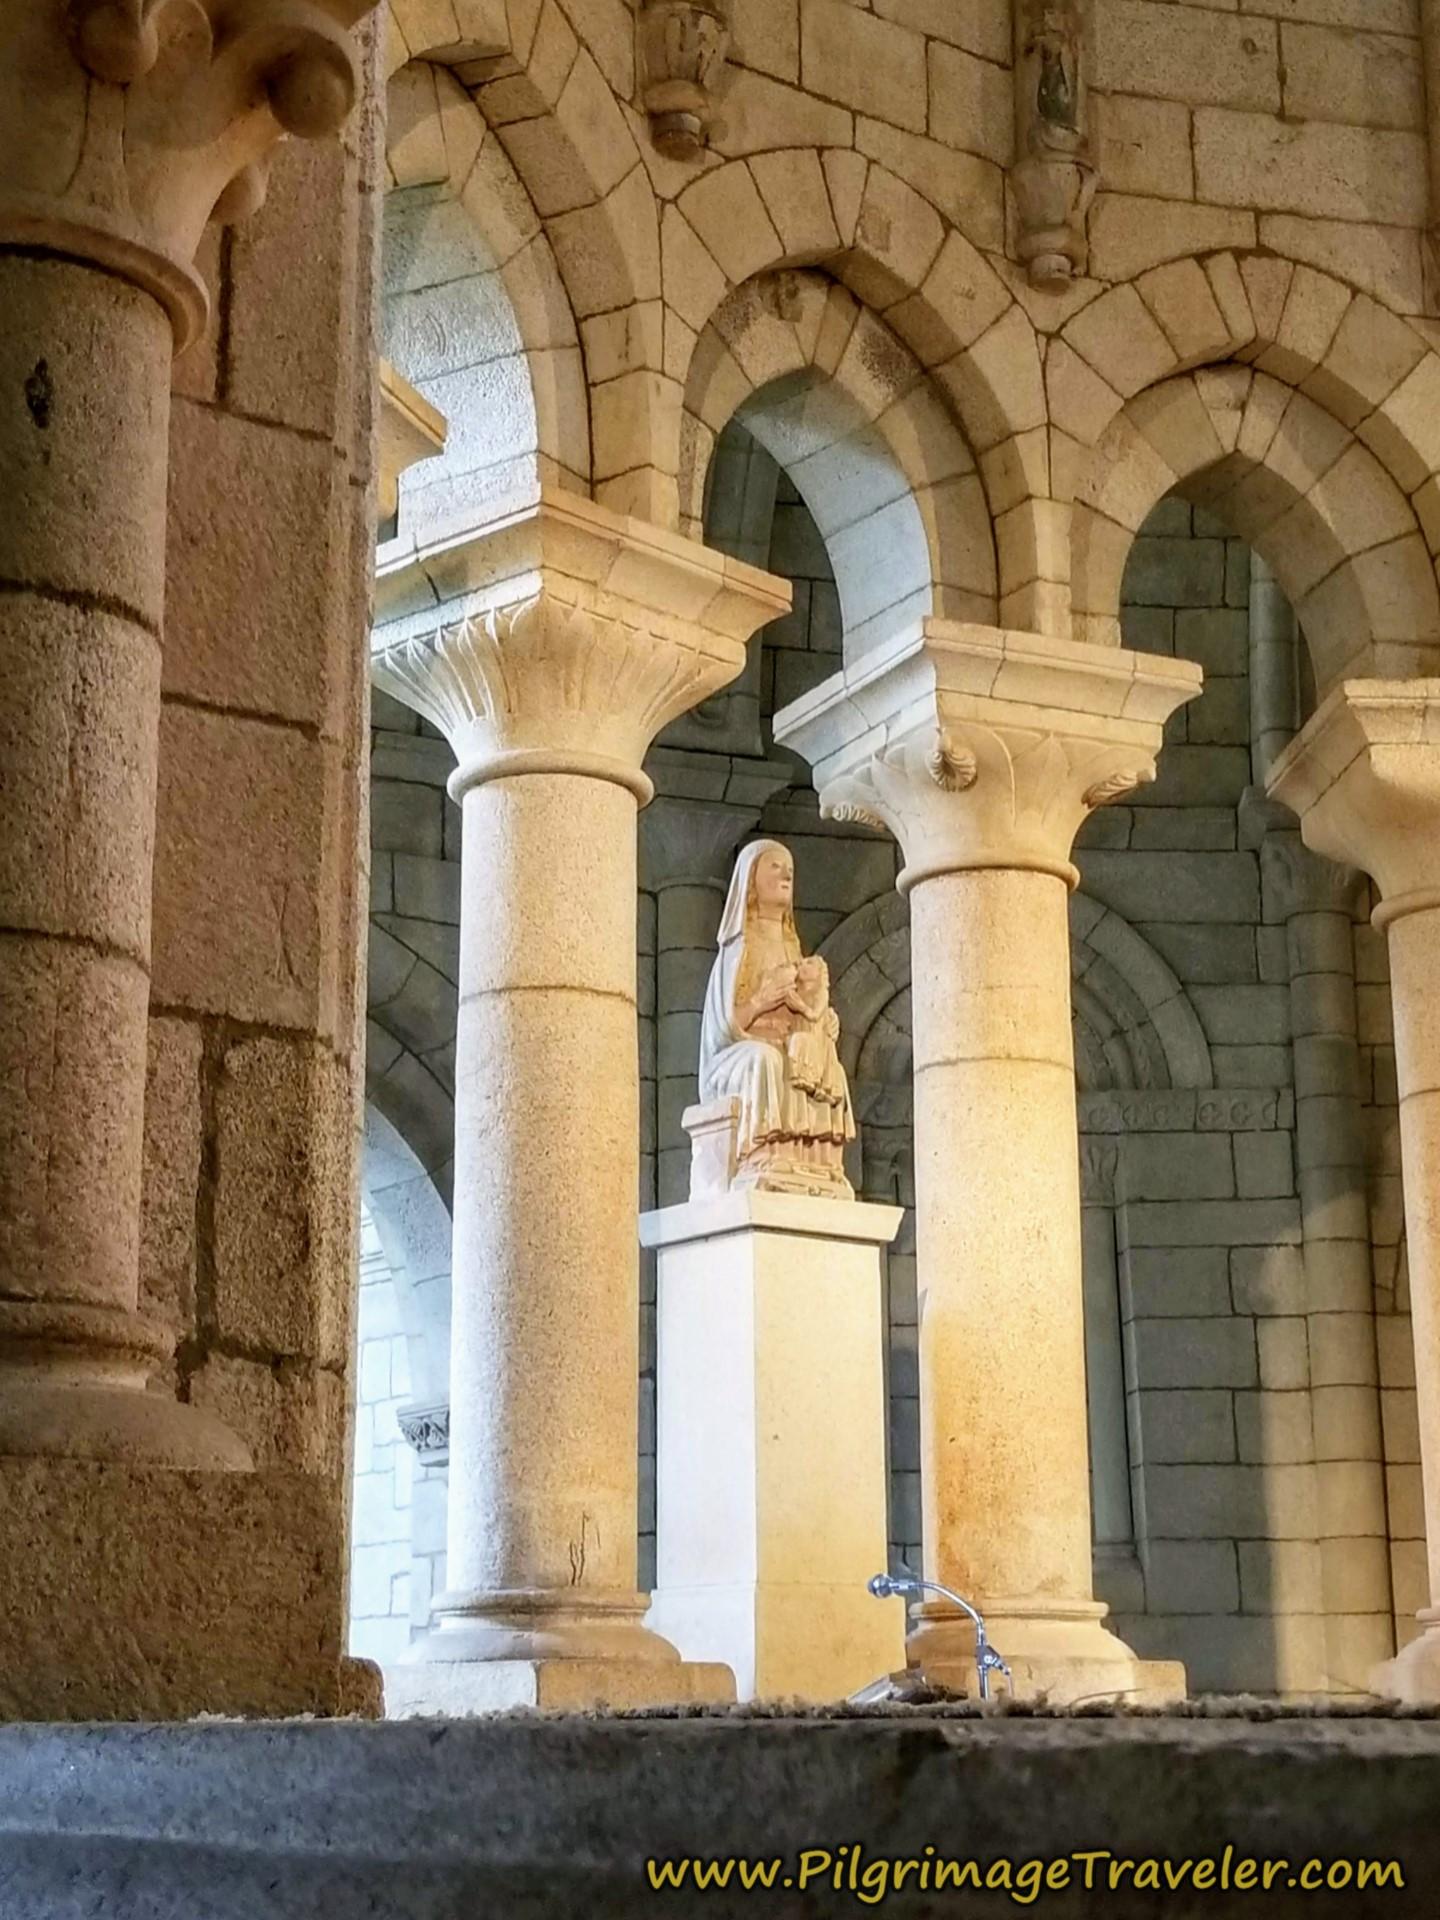 Altar, Virgen de la Leche, Mosteiro de Oseira, Camino Sanabrés, Cea to Estación de Lalín